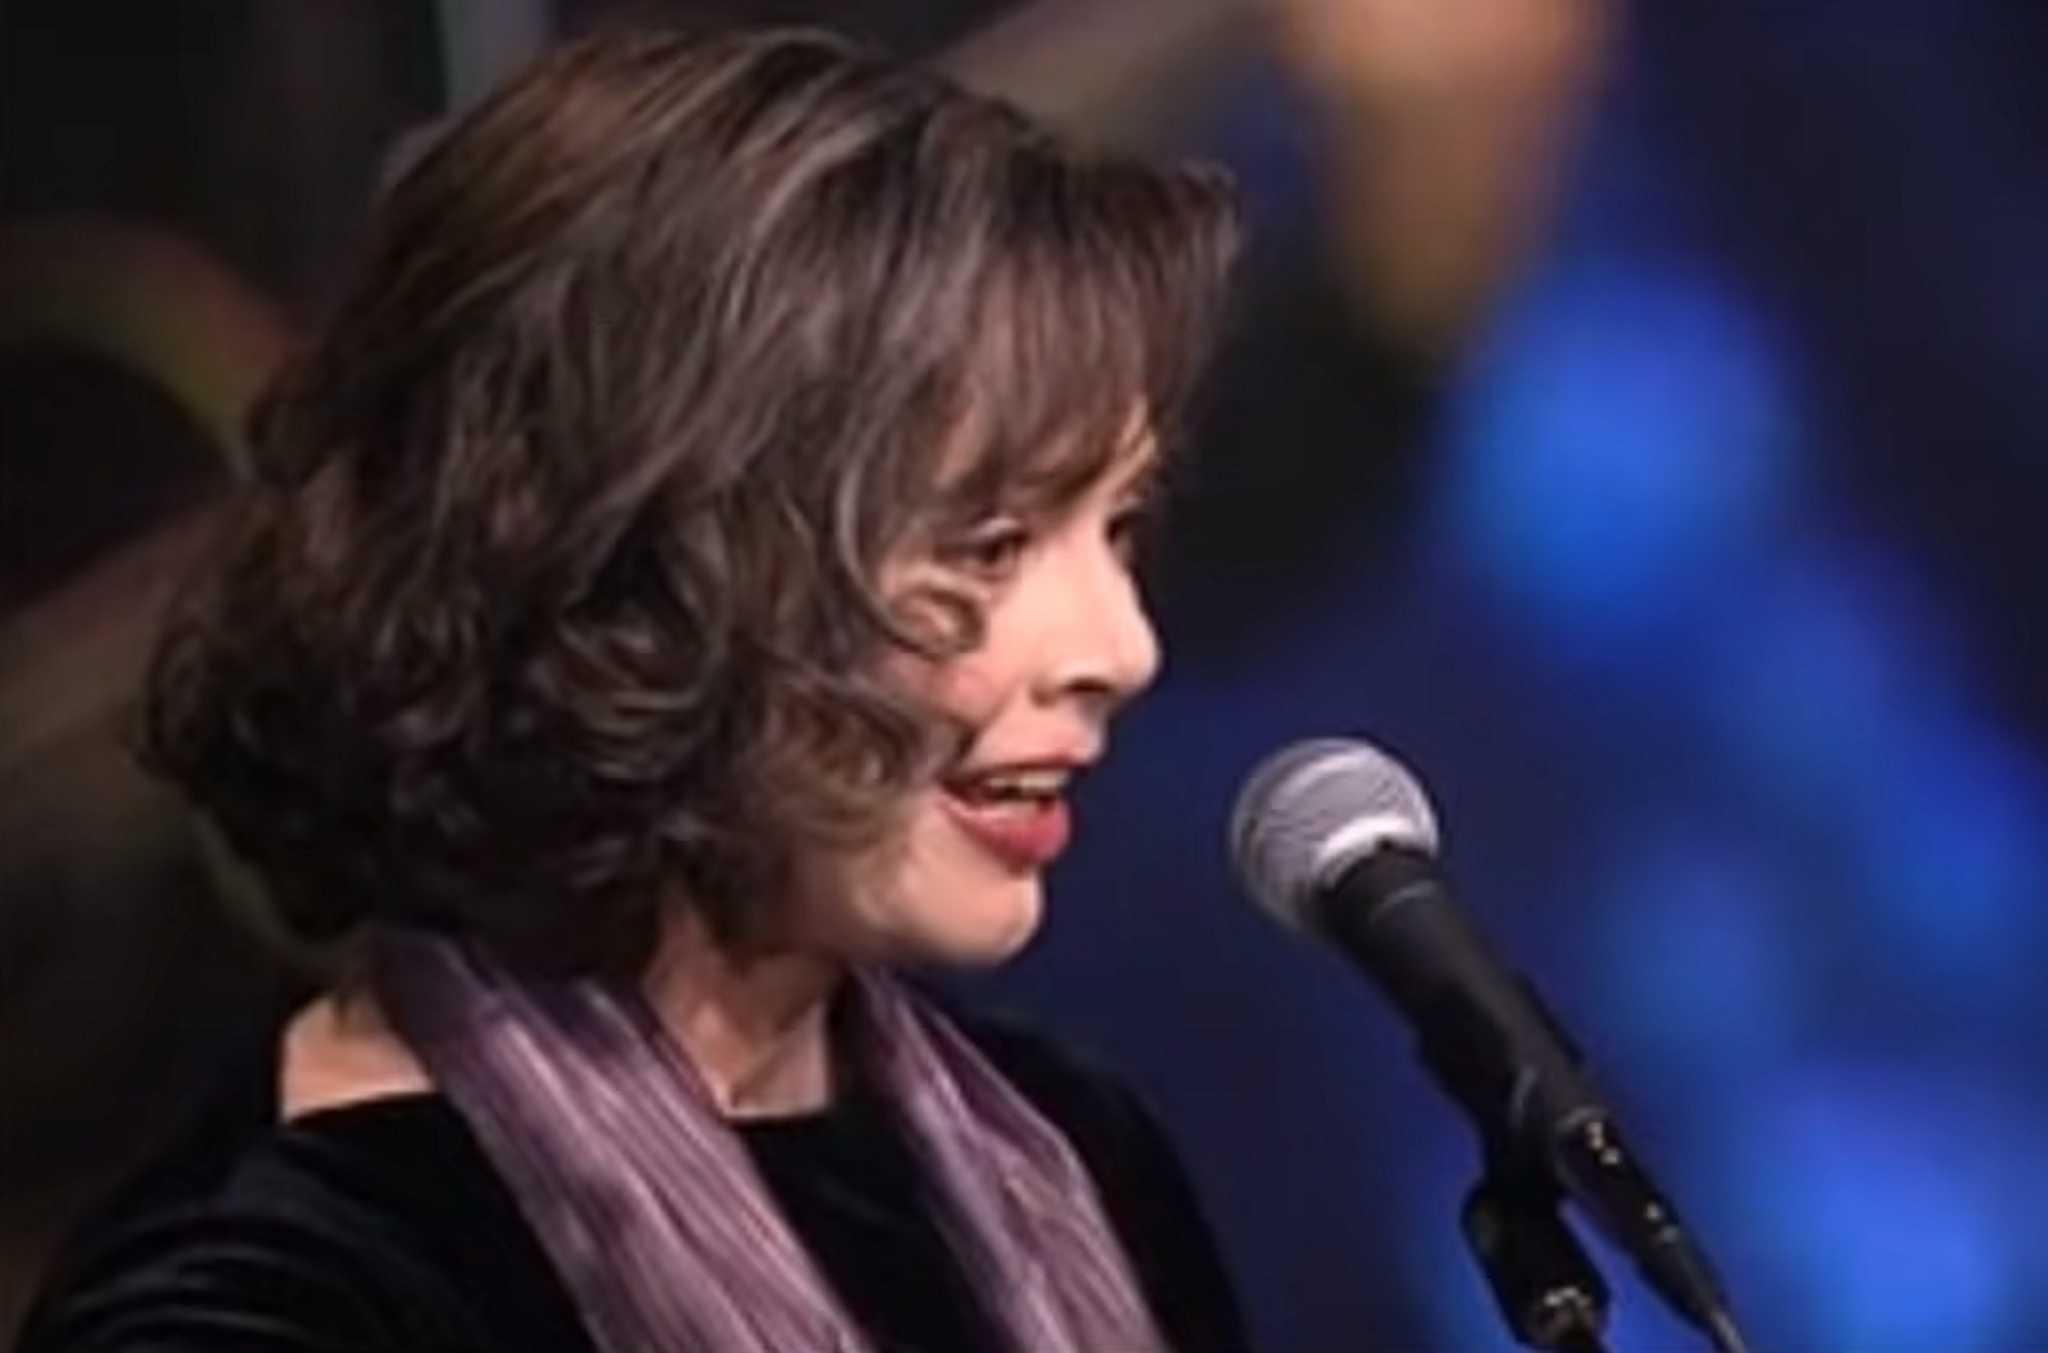 Πέθανε η Αμερικανίδα τραγουδίστρια και συνθέτης Νάνσι Γκρίφιθ